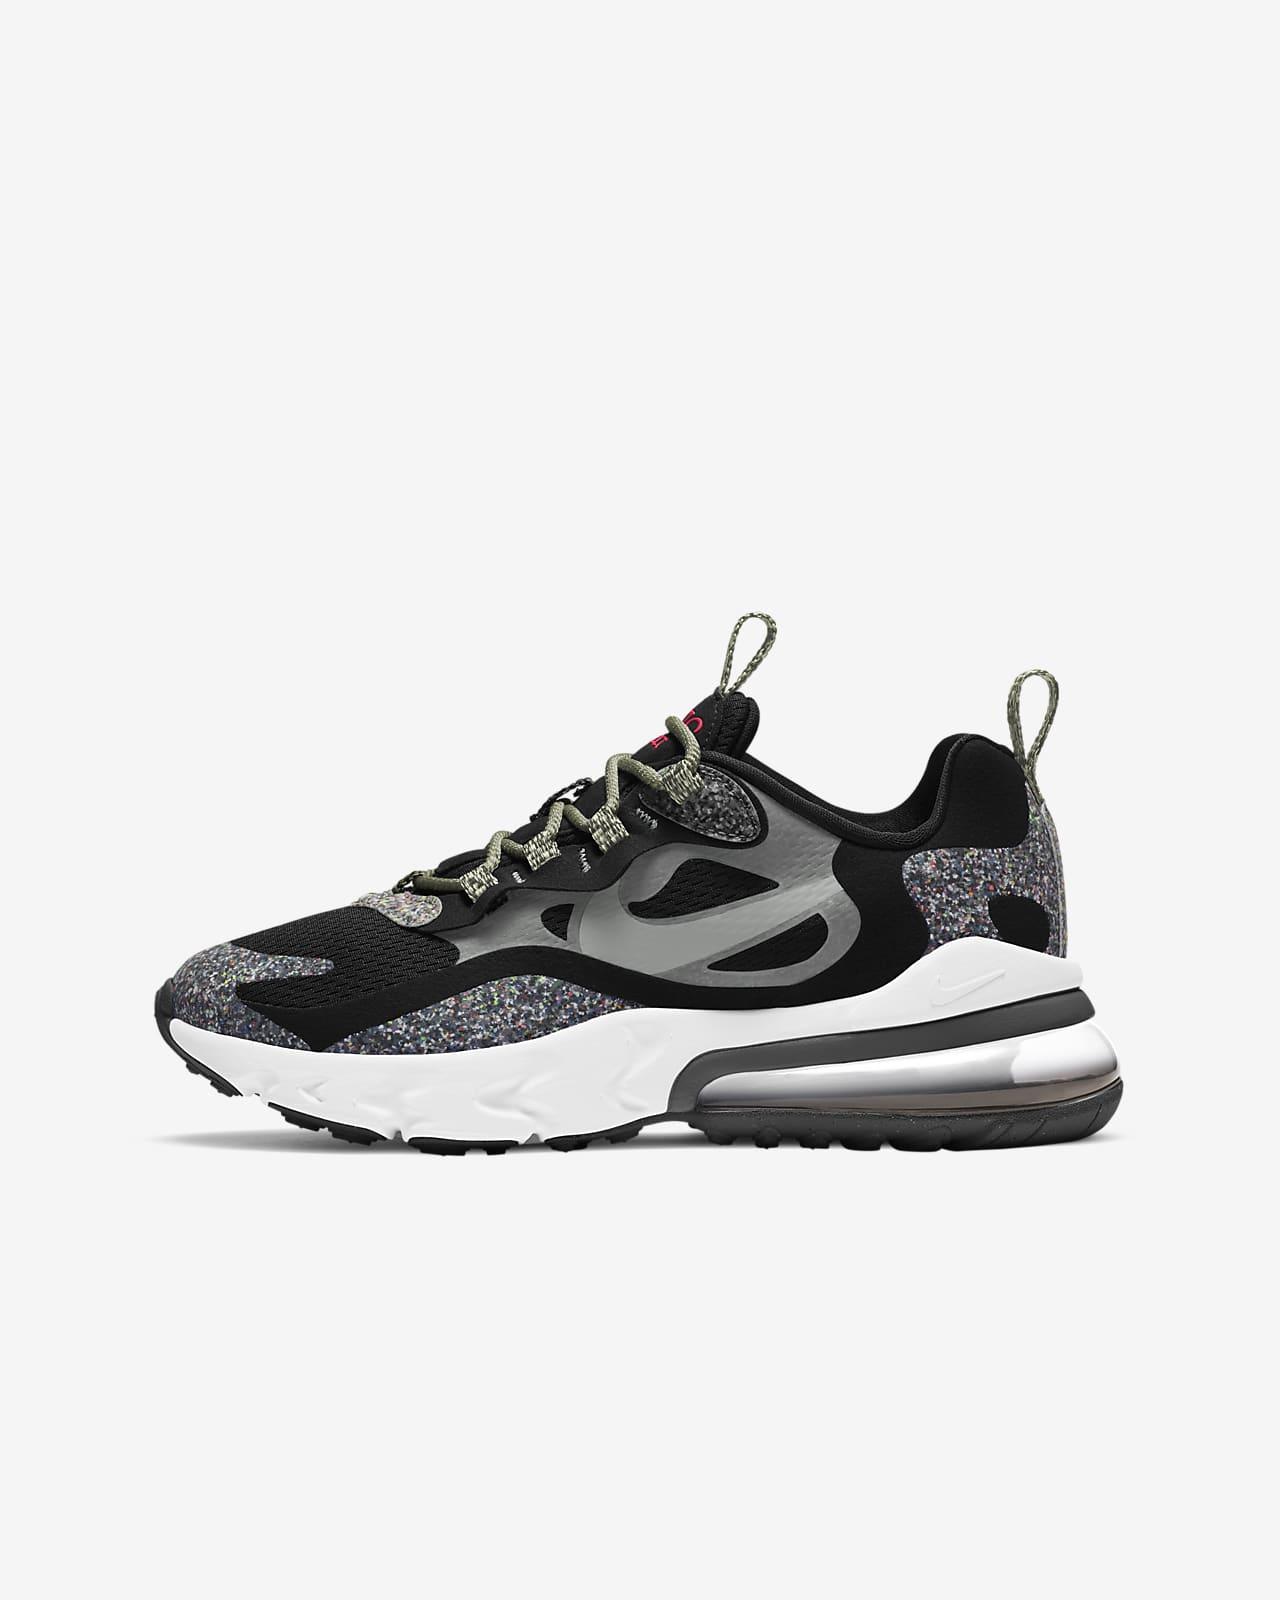 รองเท้าเด็กโต Nike Air Max 270 React SE